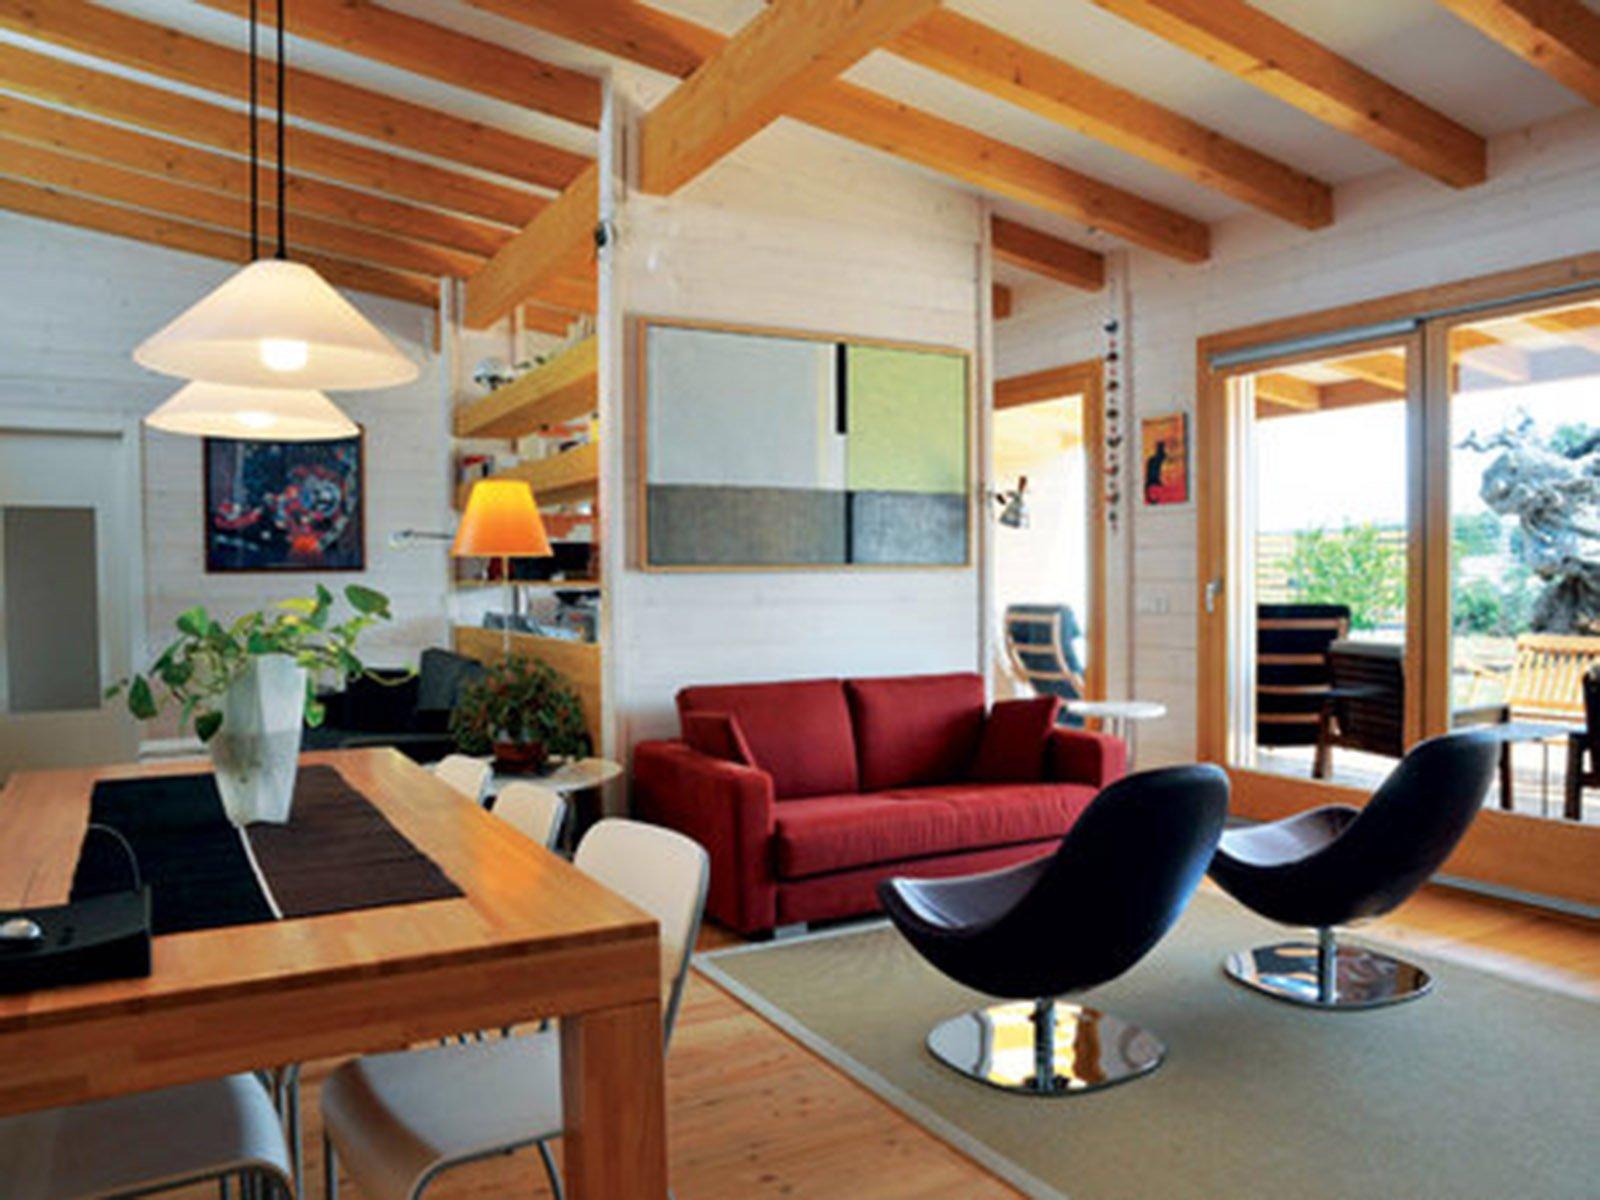 Bioarchitettura e case ecologiche prefabbricate in legno for Casa interni